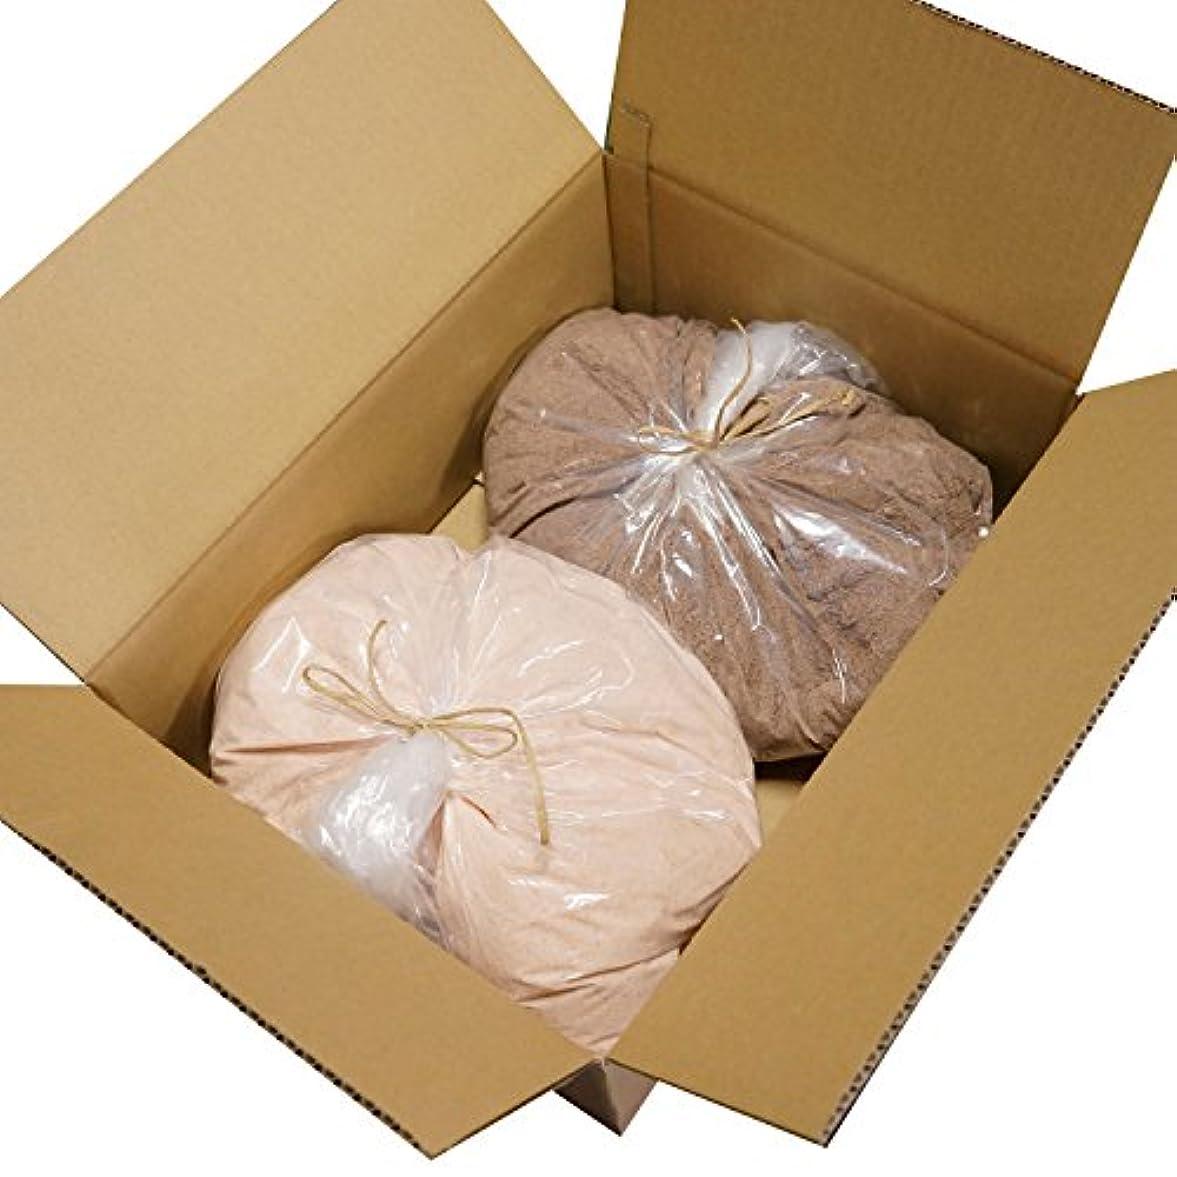 いつも真夜中うぬぼれヒマラヤ 岩塩 ピンク ブラック パウダー 細粒タイプ 業務用 原料 (各2.5kg)